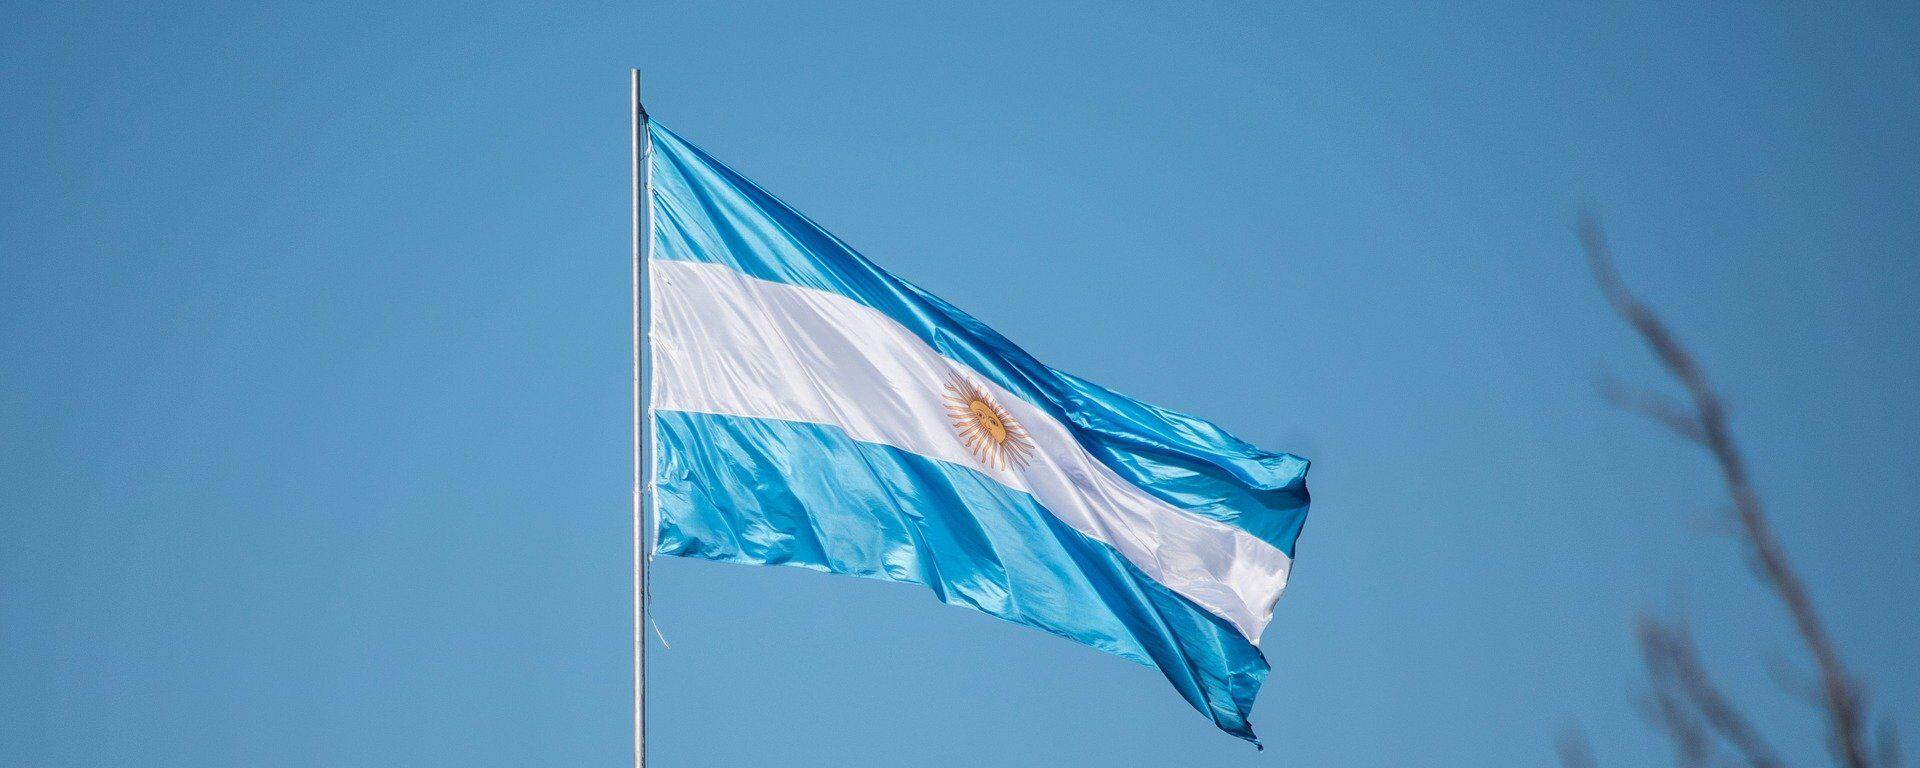 La bandera de Argentina - Sputnik Mundo, 1920, 15.06.2021